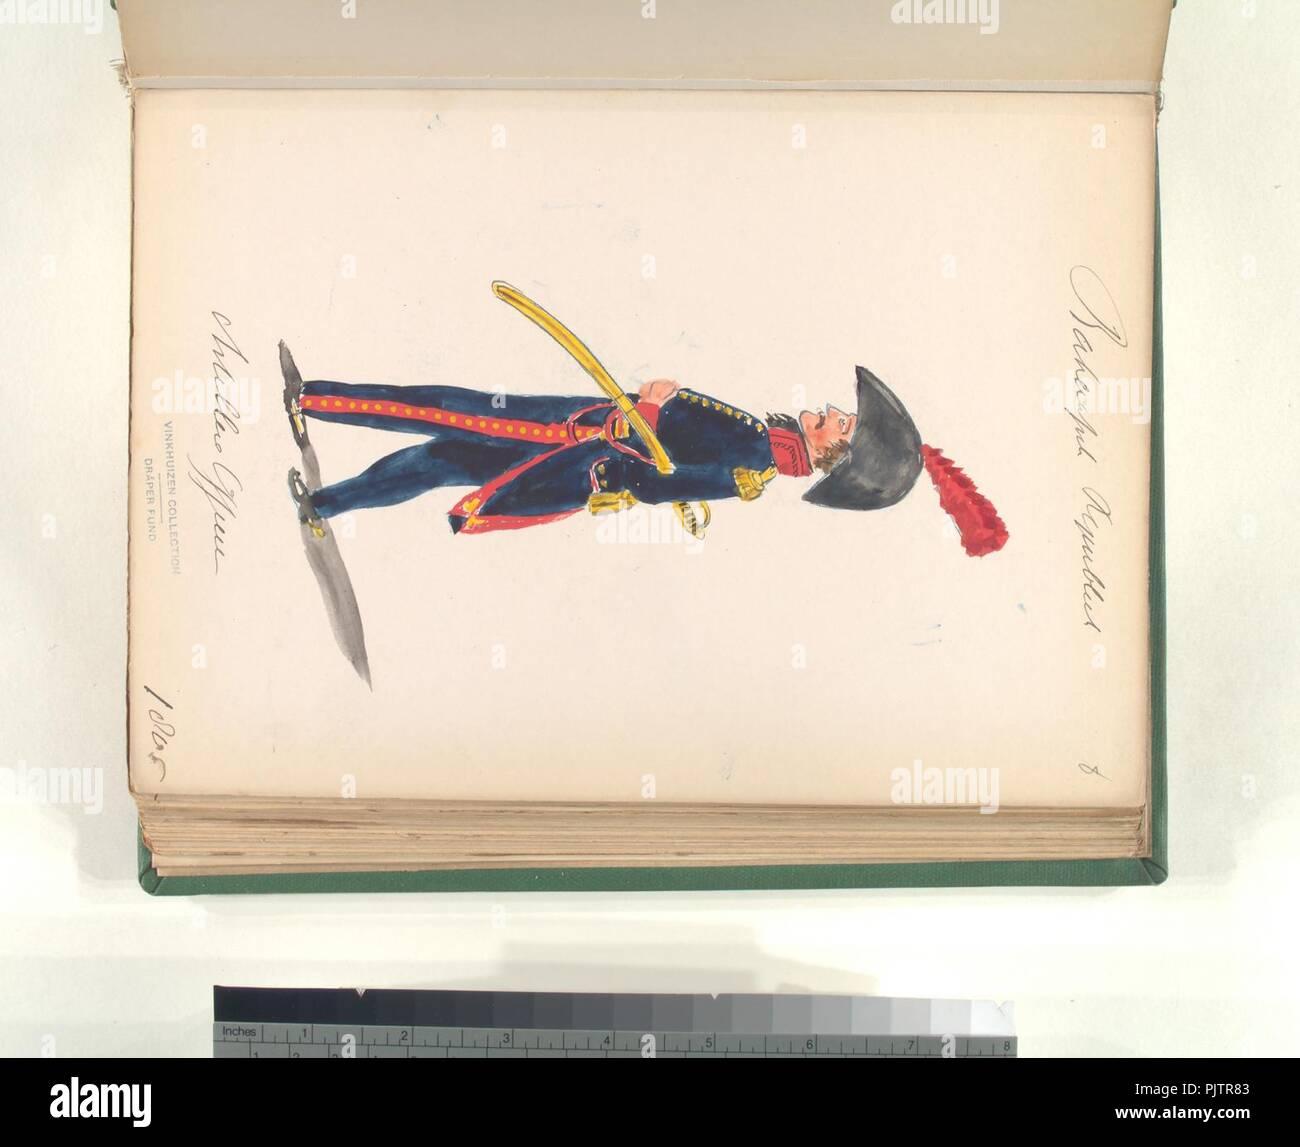 Bataafsche Republiek. Artillerie Officier. 1805 - Stock Image